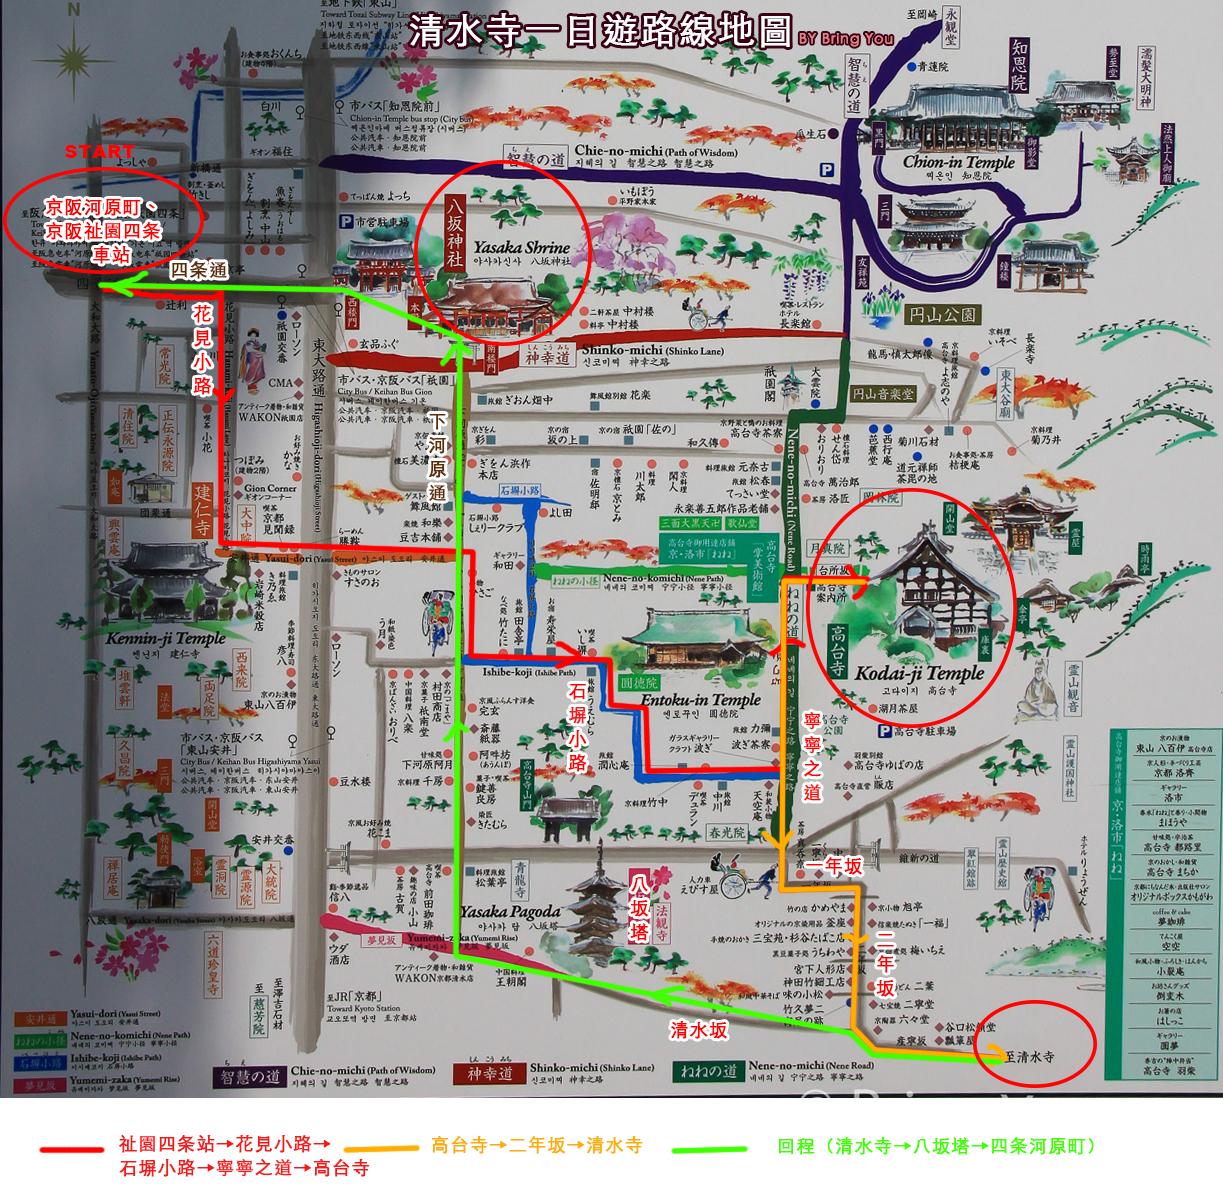 清水寺一日遊地圖